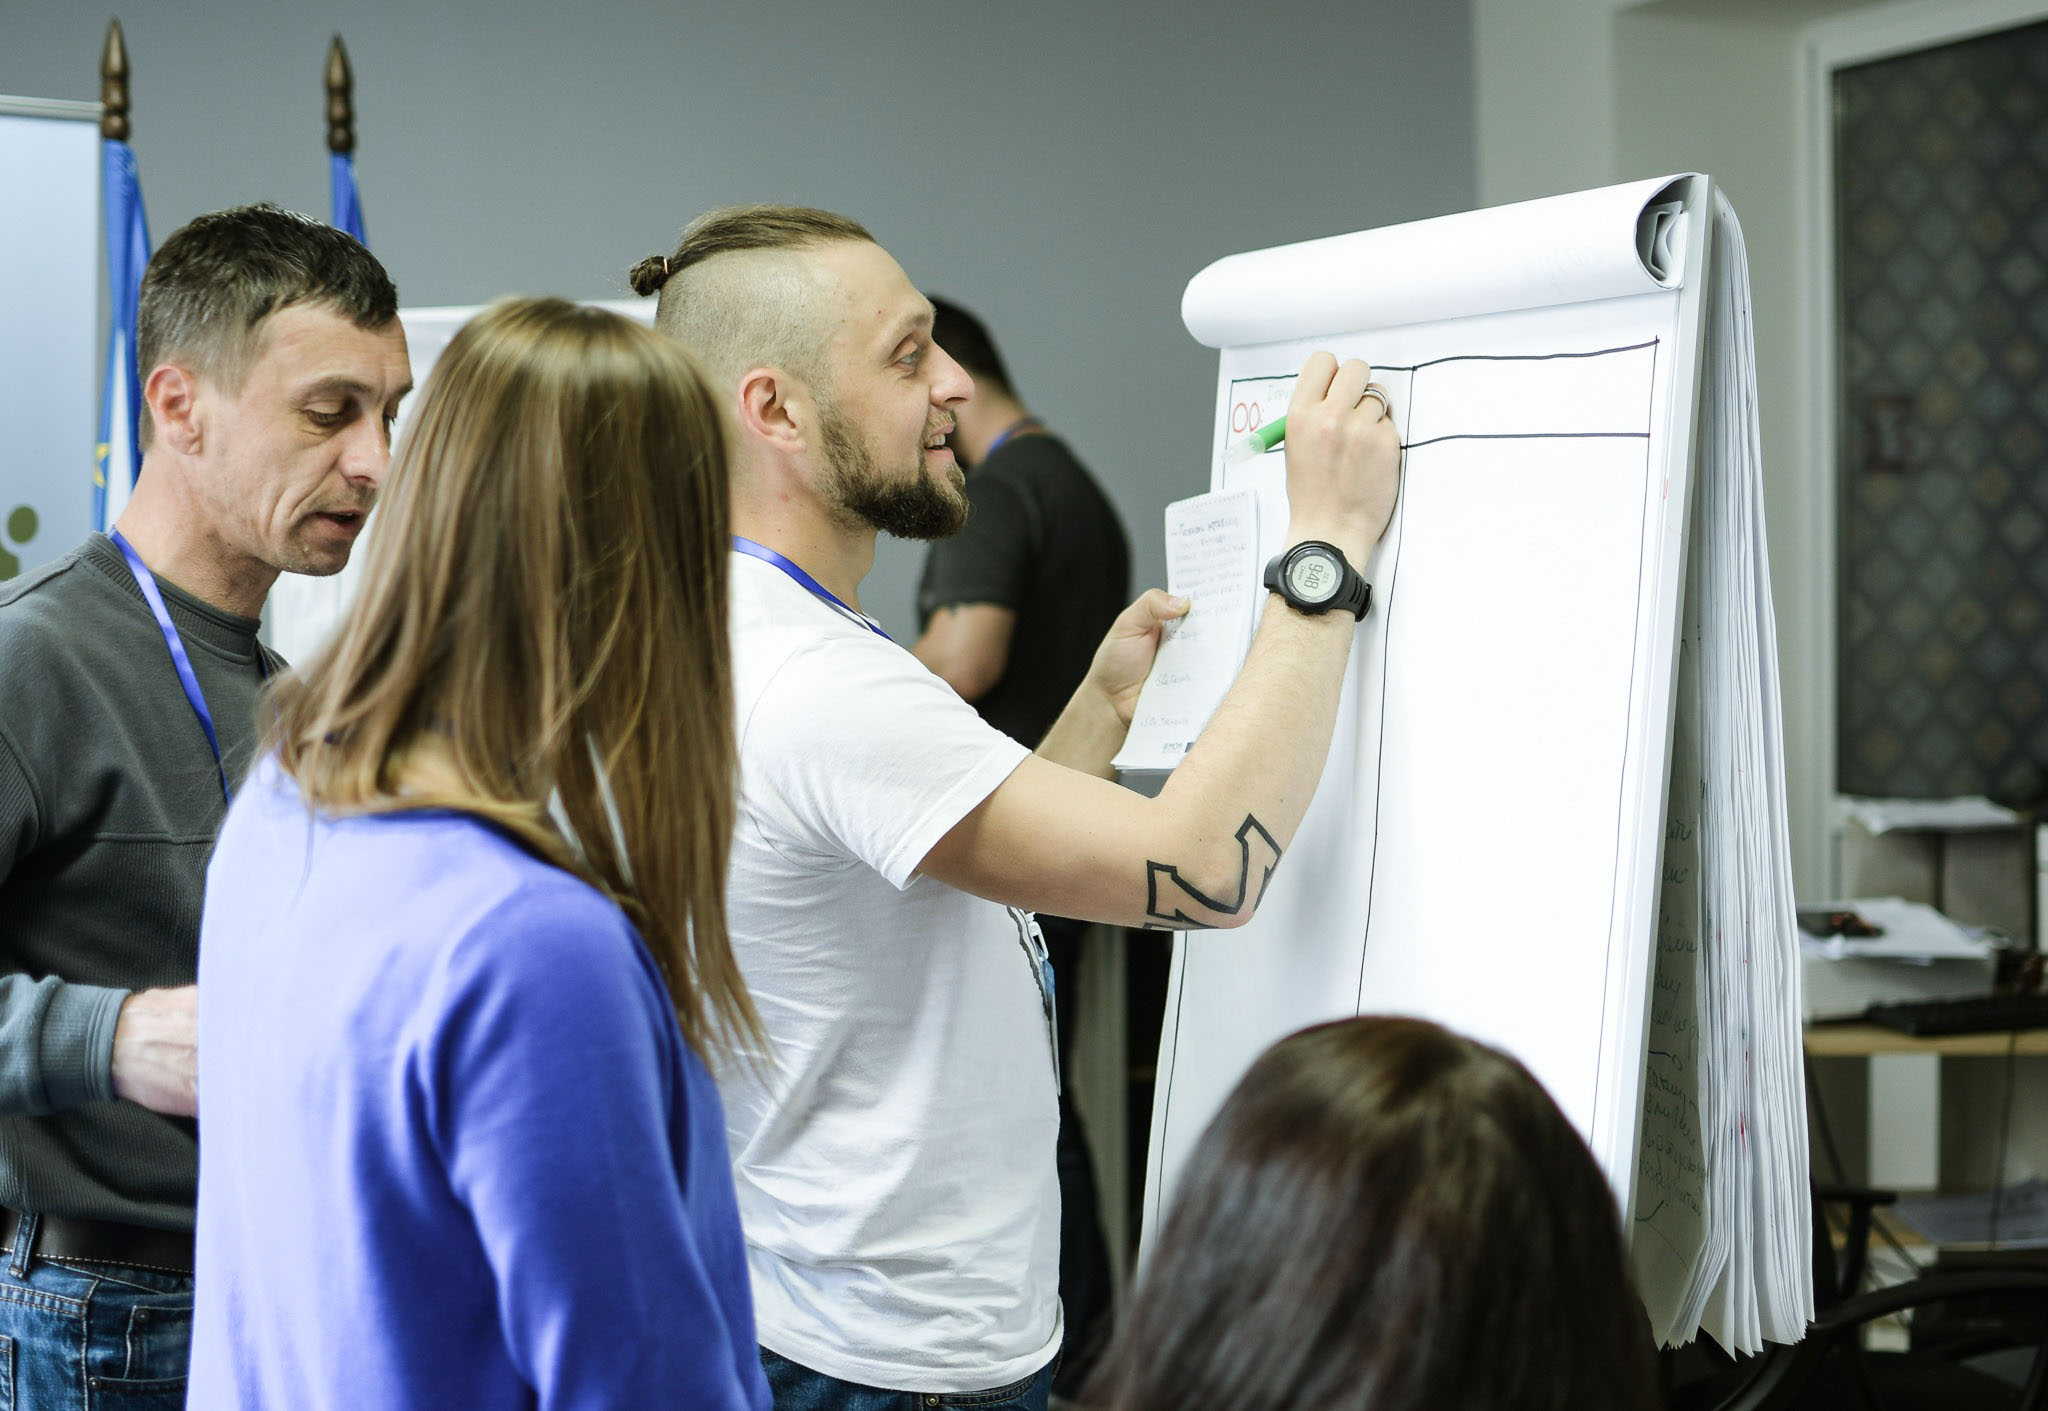 До Франківська приїдуть ветерани ООС з Львівщини, аби навчитись соціальному підприємництву